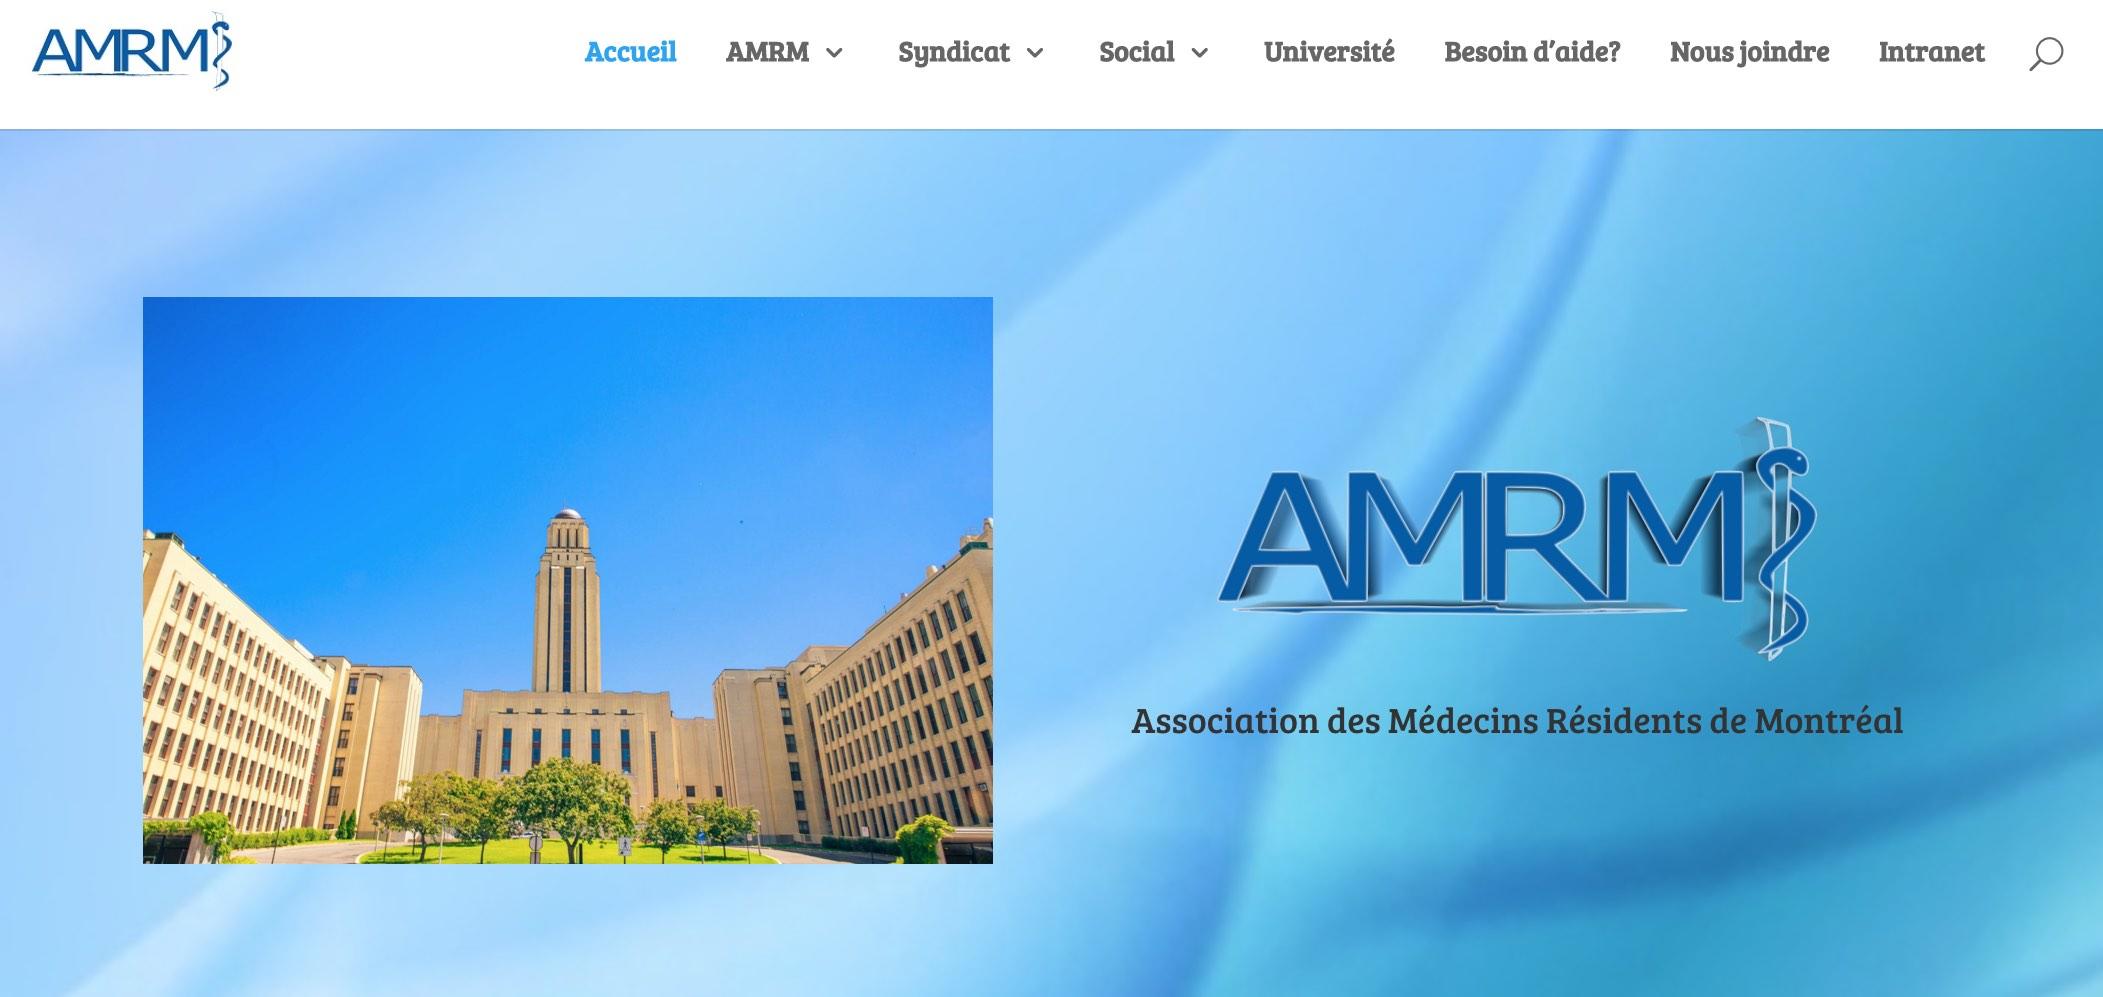 Image du site de l'AMRM